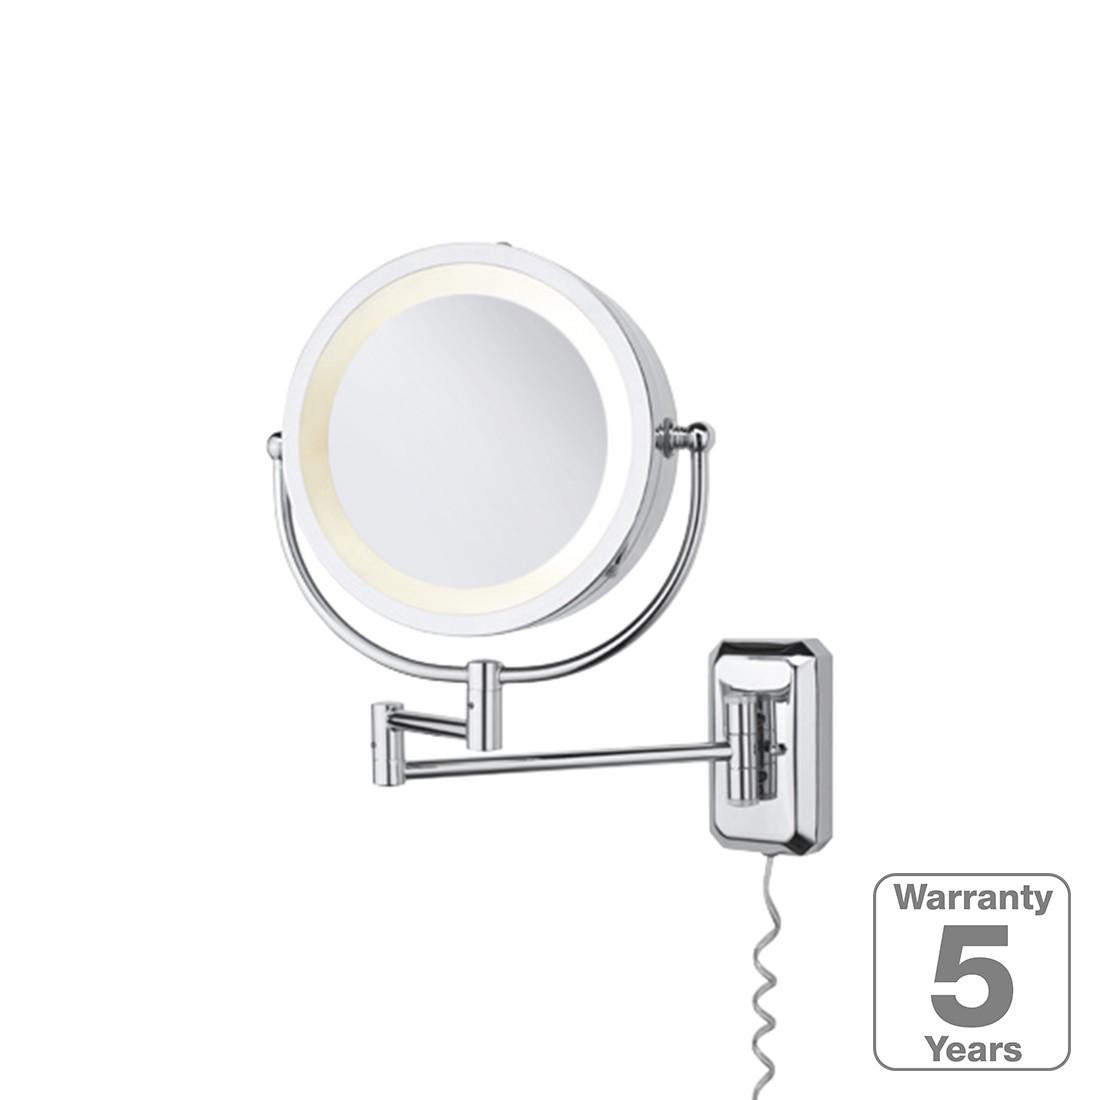 spiegelleuchten spiegellampen f rs bad lampen. Black Bedroom Furniture Sets. Home Design Ideas